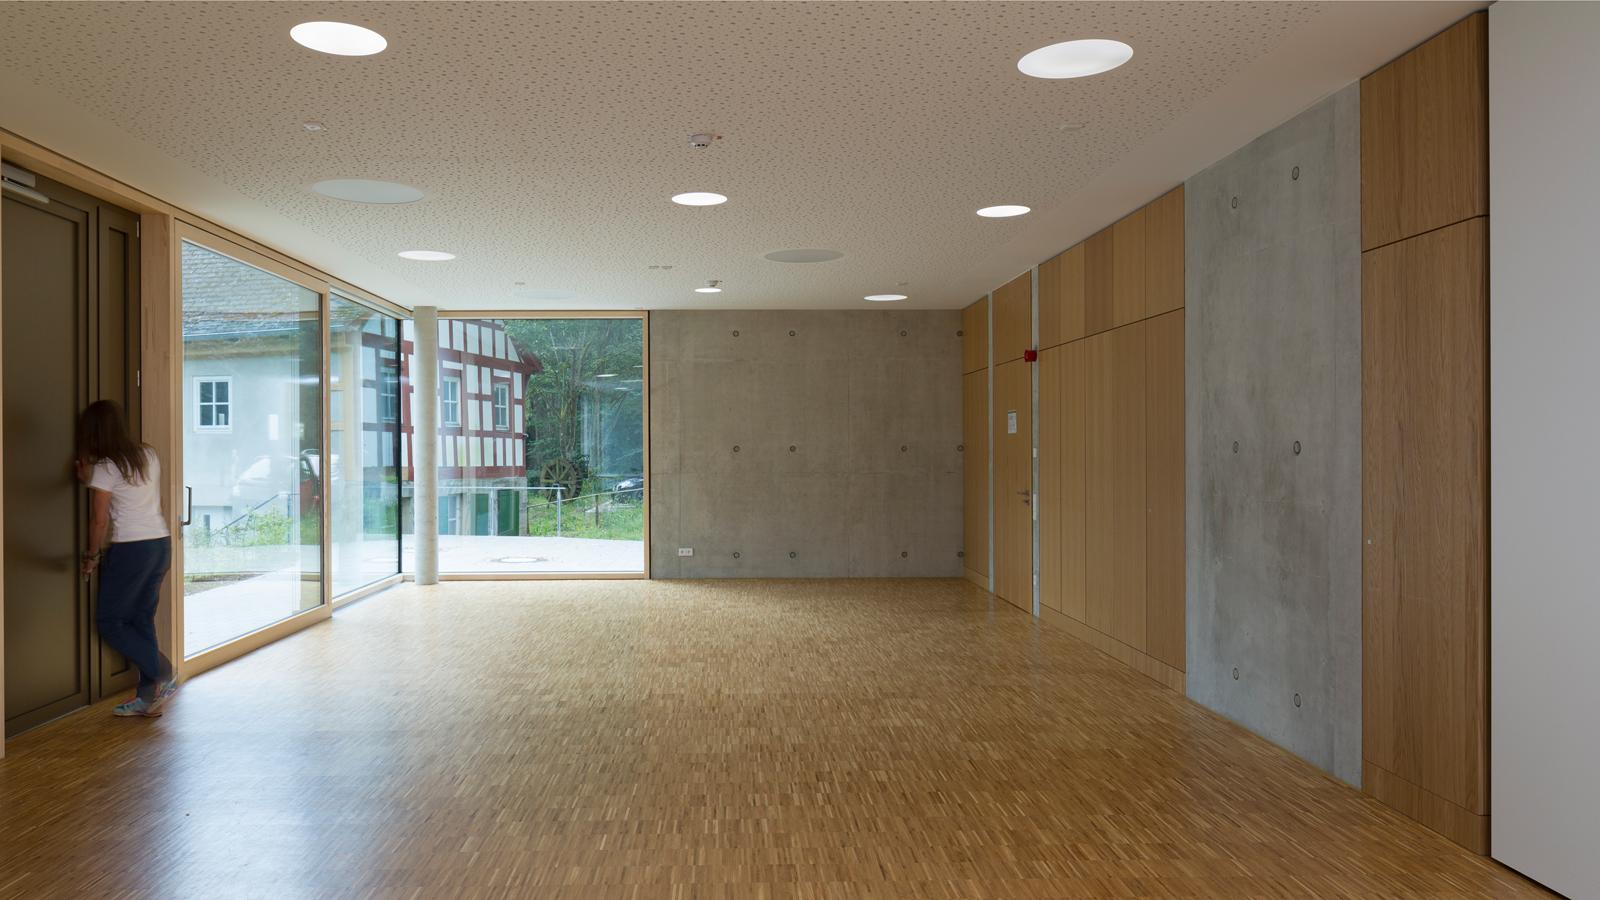 jugendtagungshaus weiherm hle mainleus h2m architekten. Black Bedroom Furniture Sets. Home Design Ideas